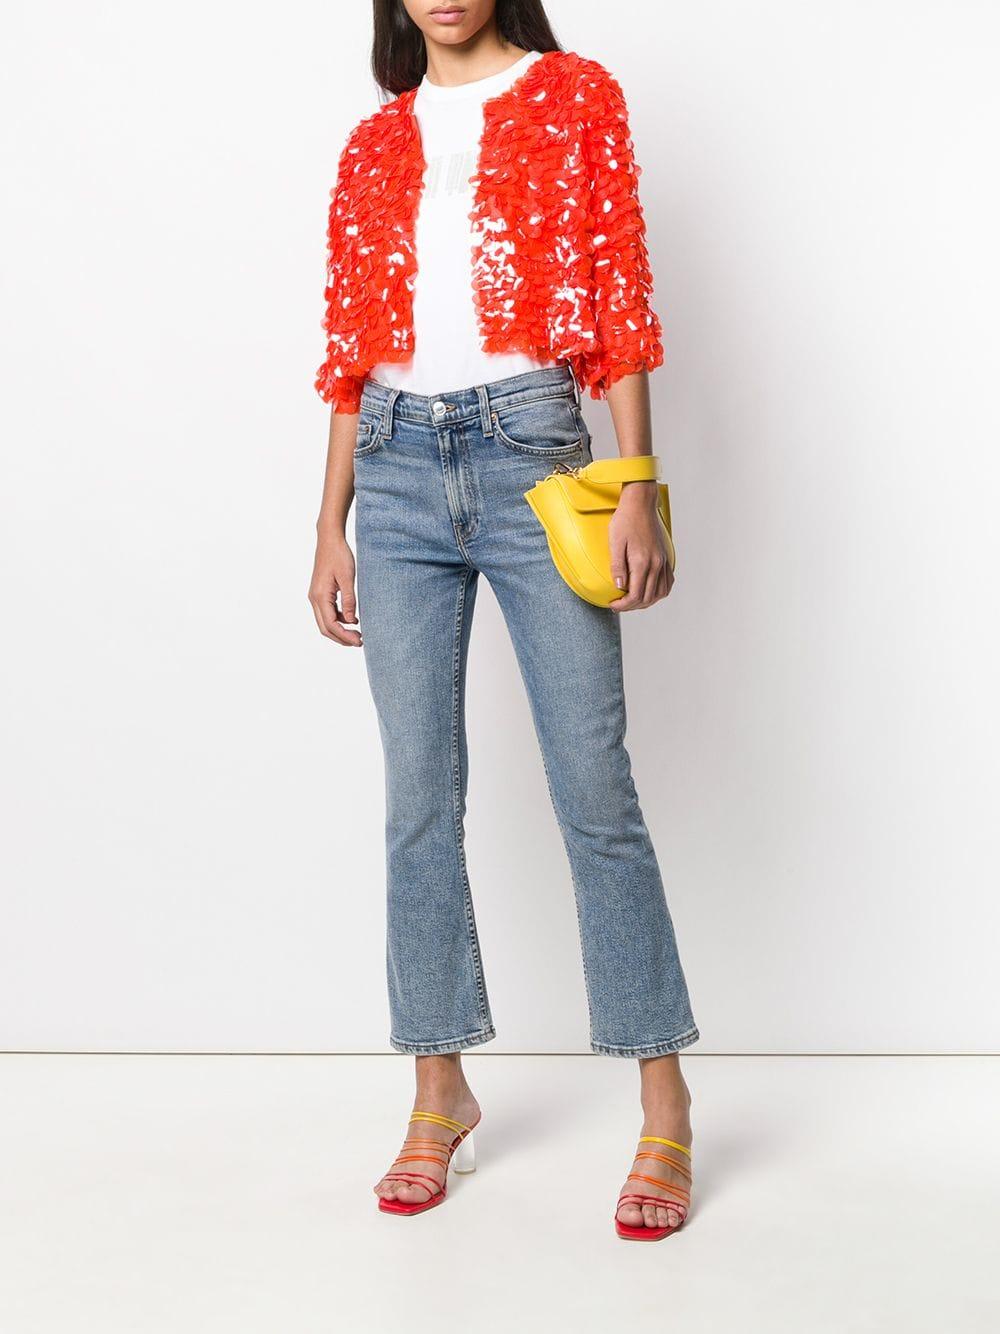 Giacca corta decorata con perline arancioni P.A.R.O.S.H. | Giacche | D430733-GLEN019